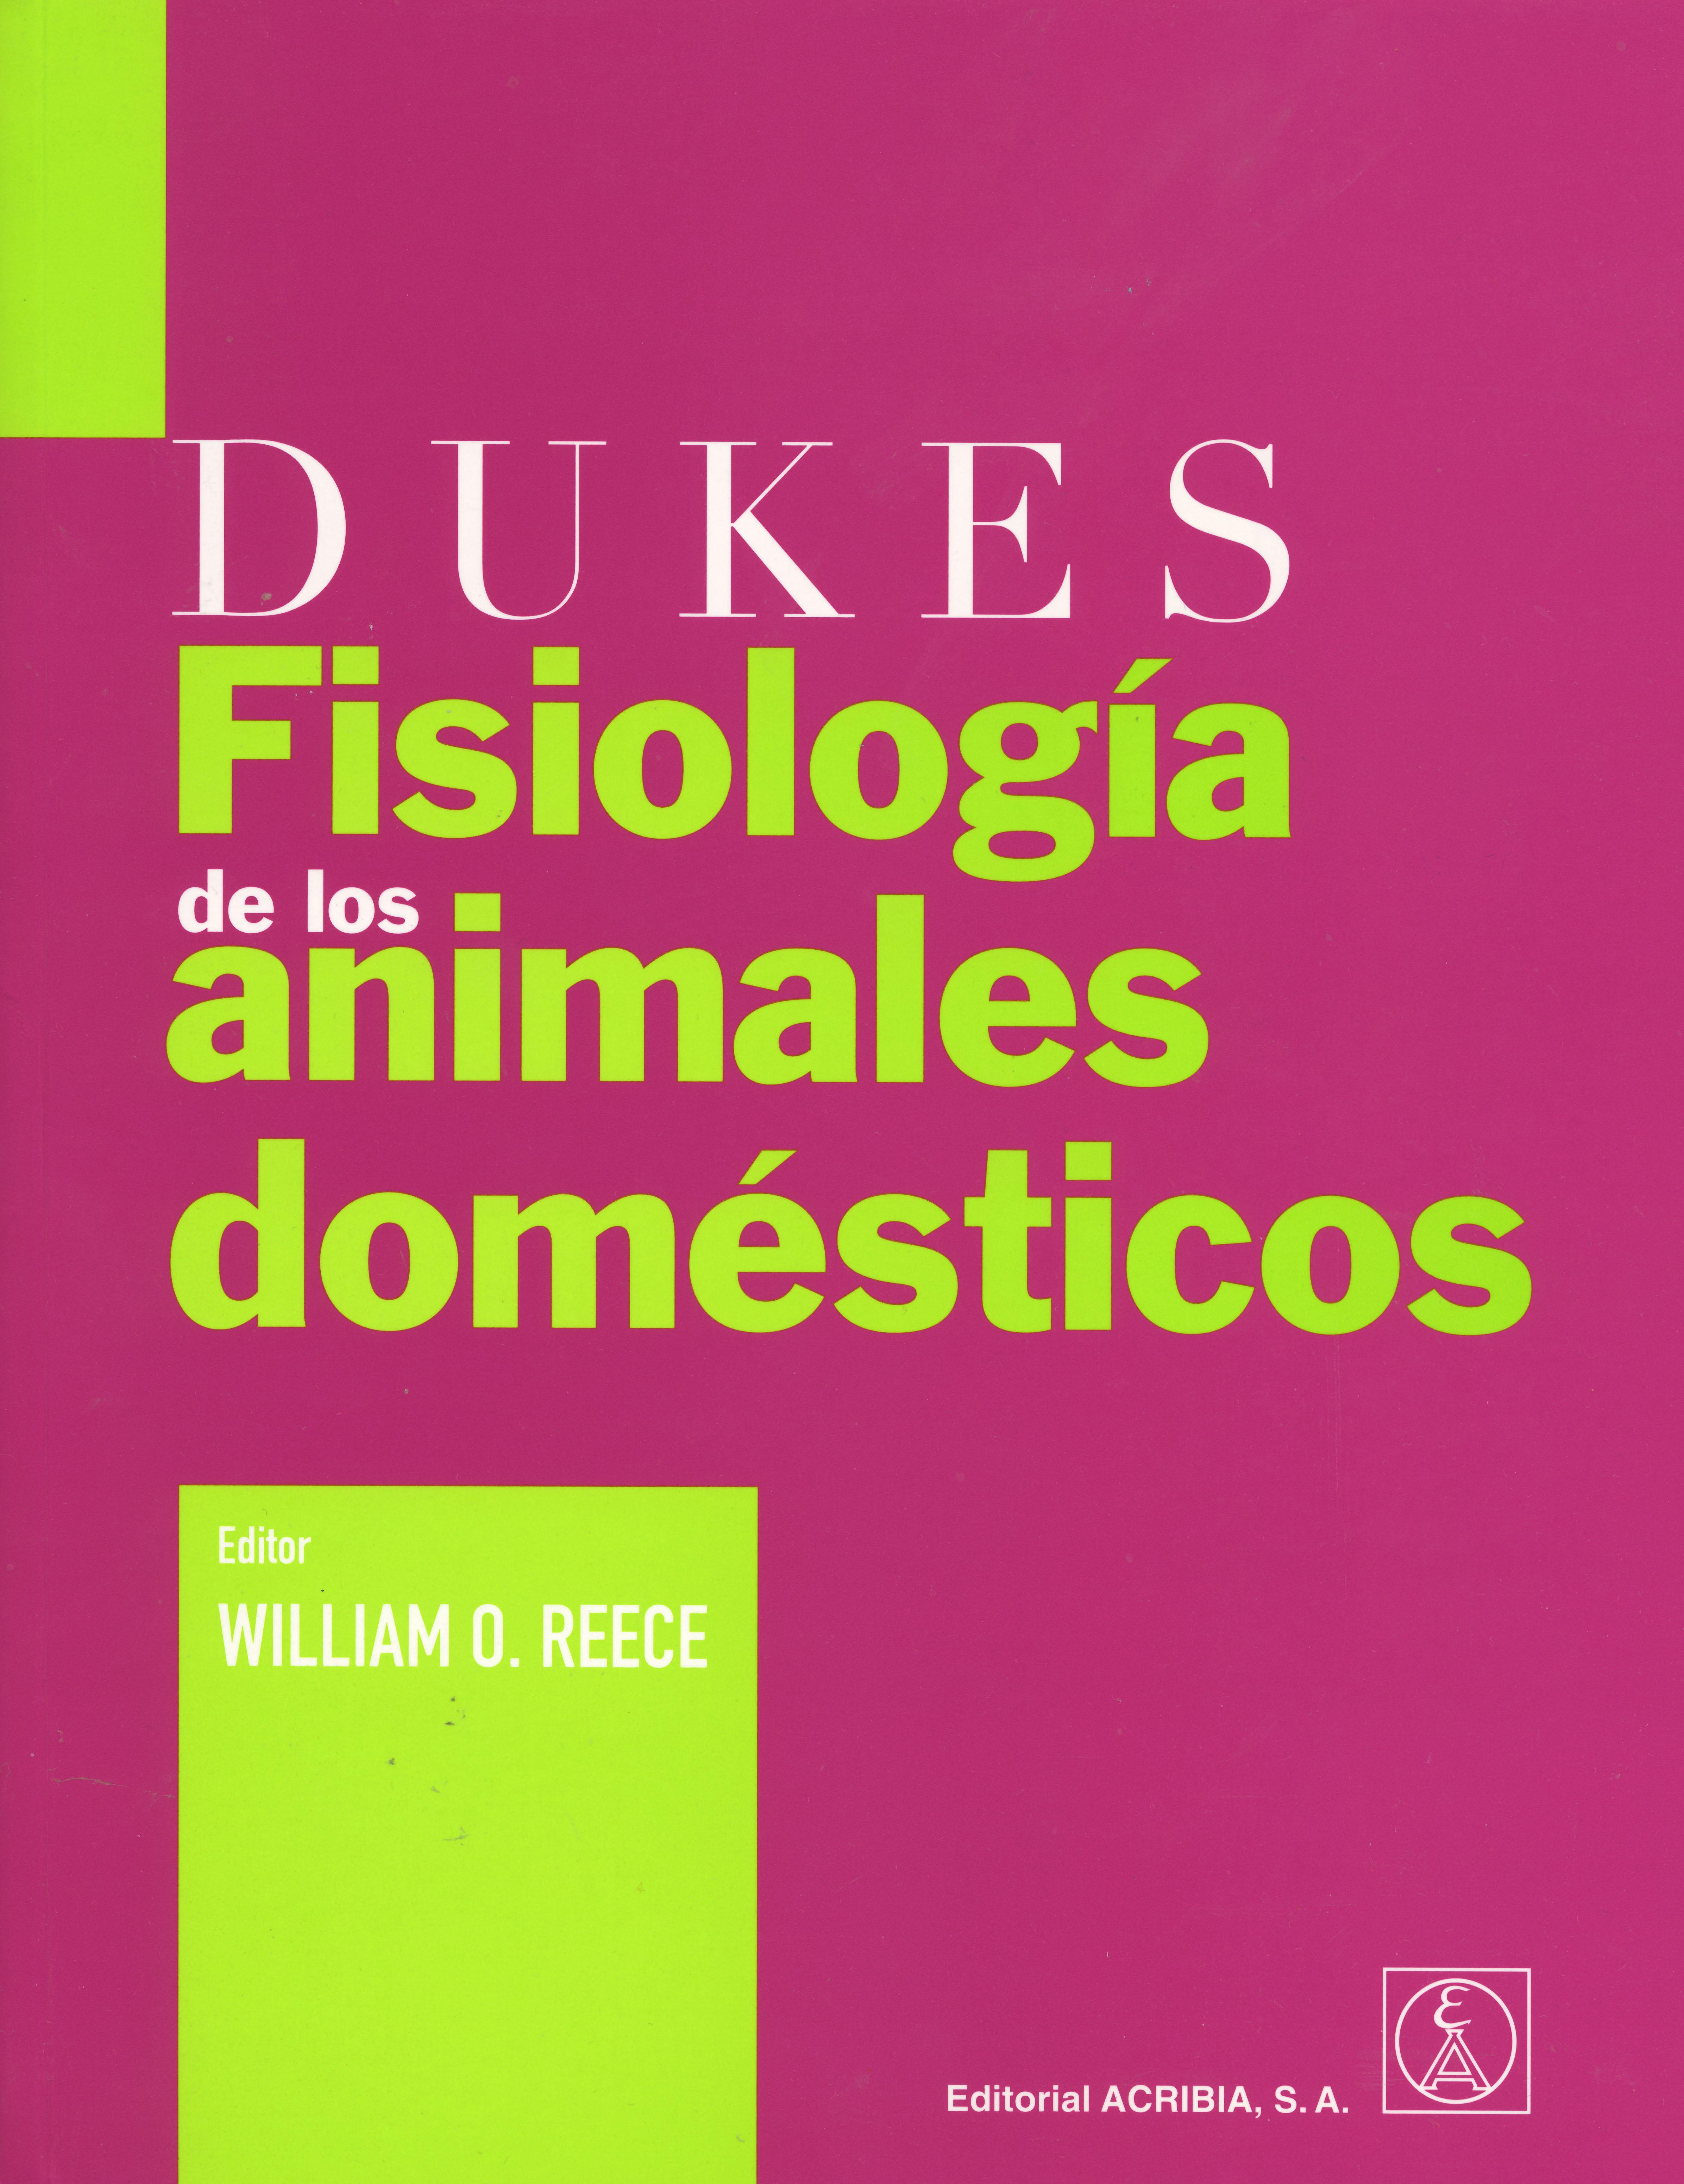 Dukes Fisiología de los animales domésticos - Editorial Acribia, S.A.